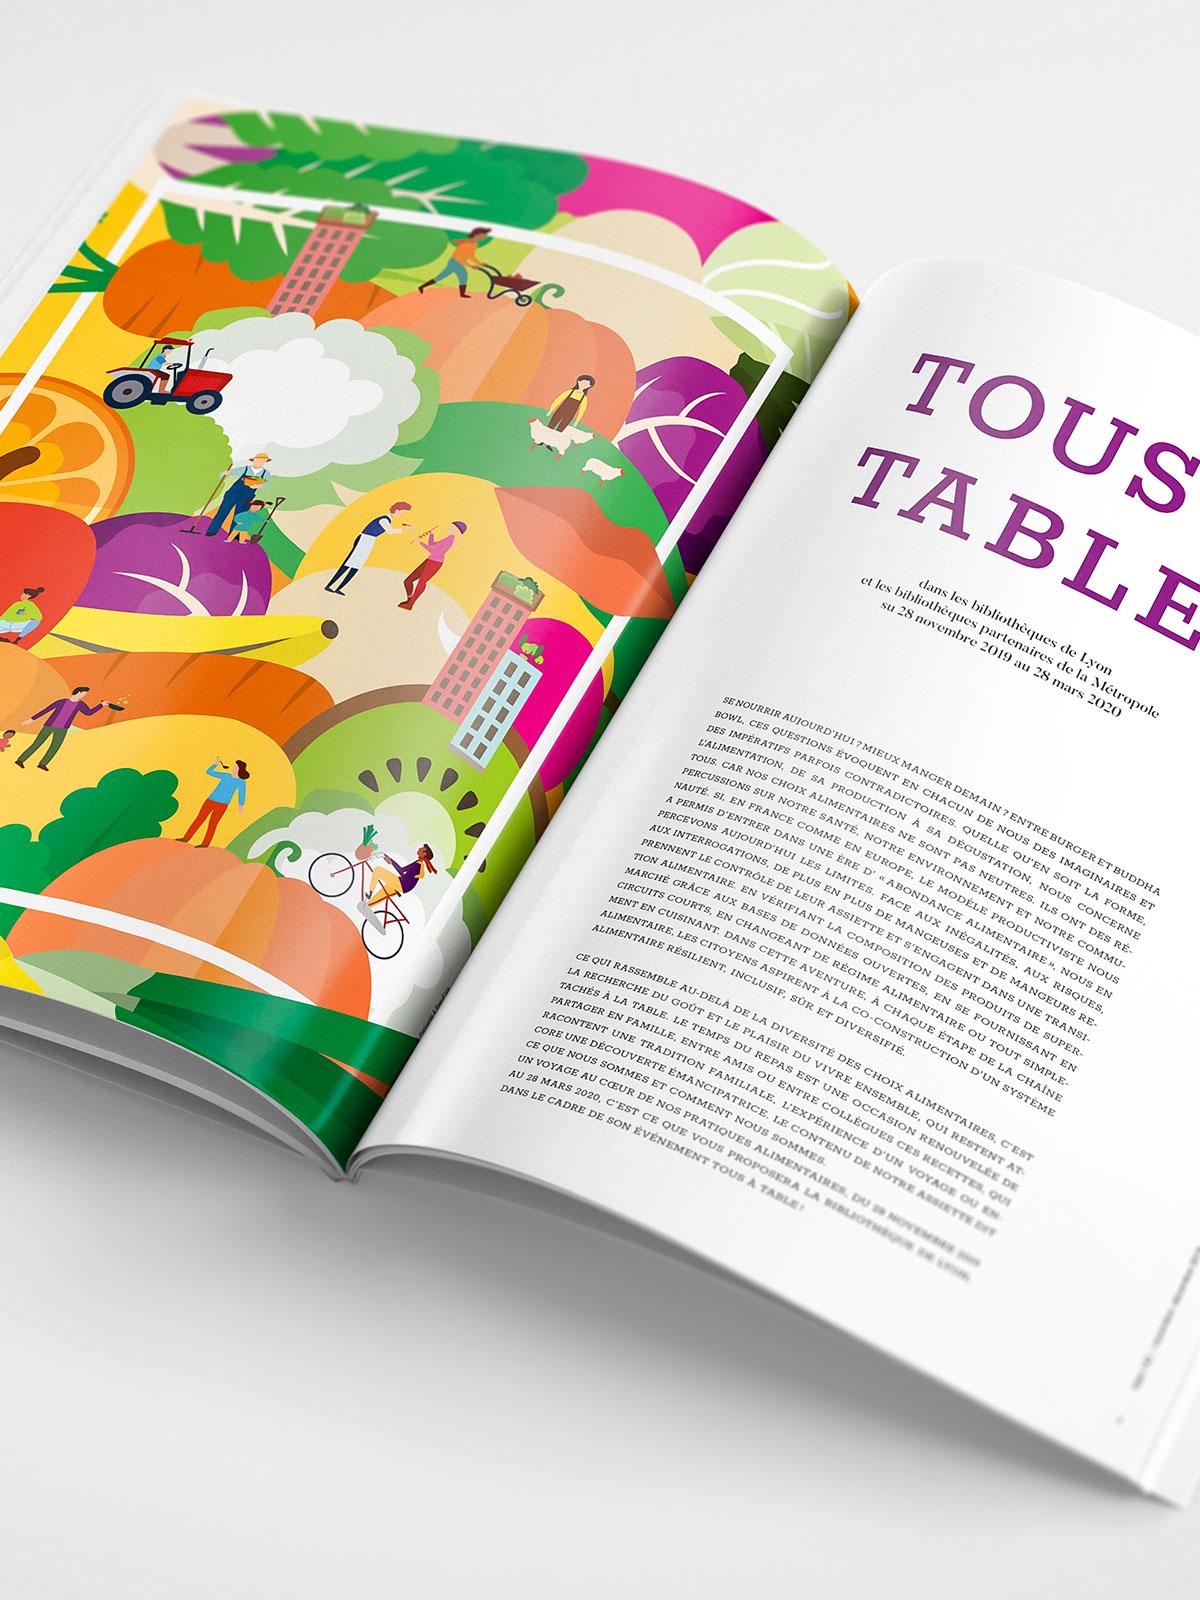 Graphisme Evenement Tous A Table Perluette Beaufixe